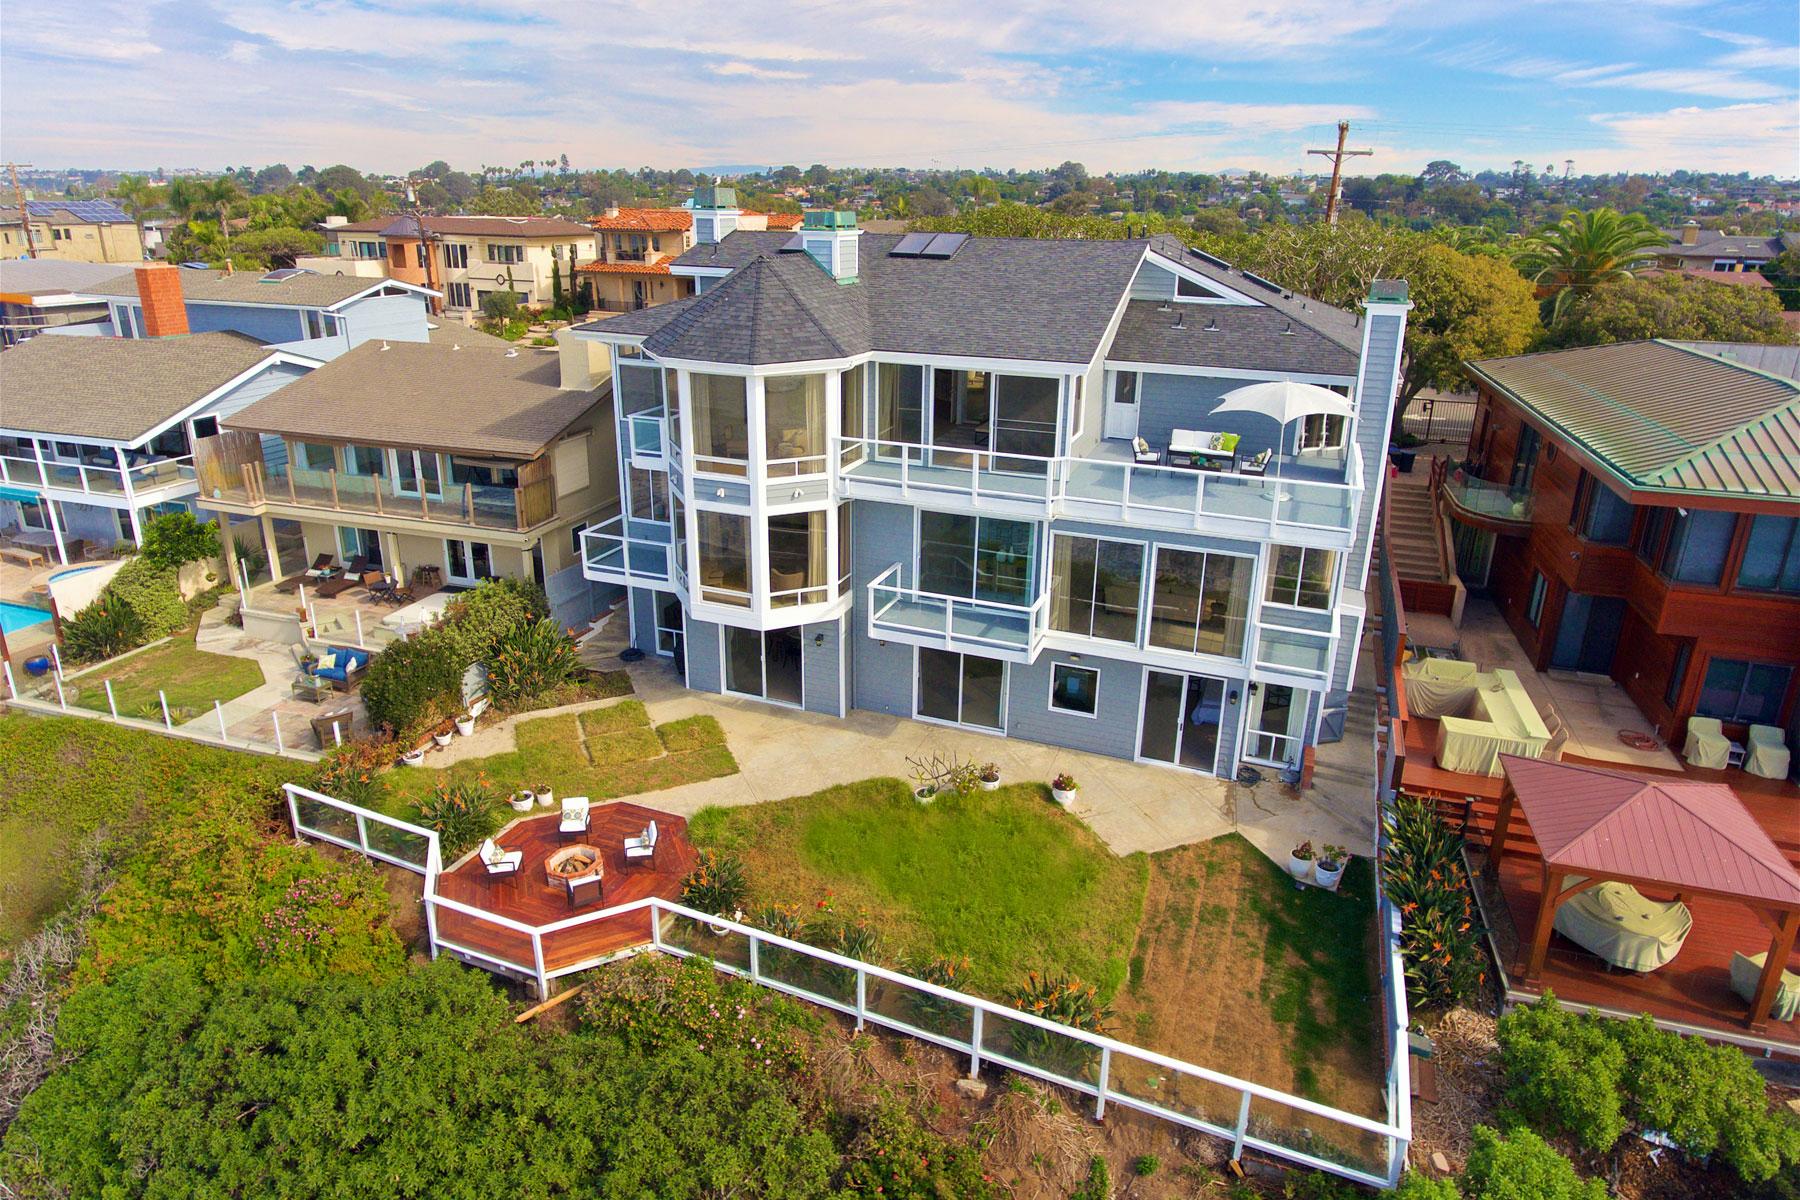 Частный односемейный дом для того Продажа на 1210 Neptune Ave Encinitas, Калифорния, 92024 Соединенные Штаты